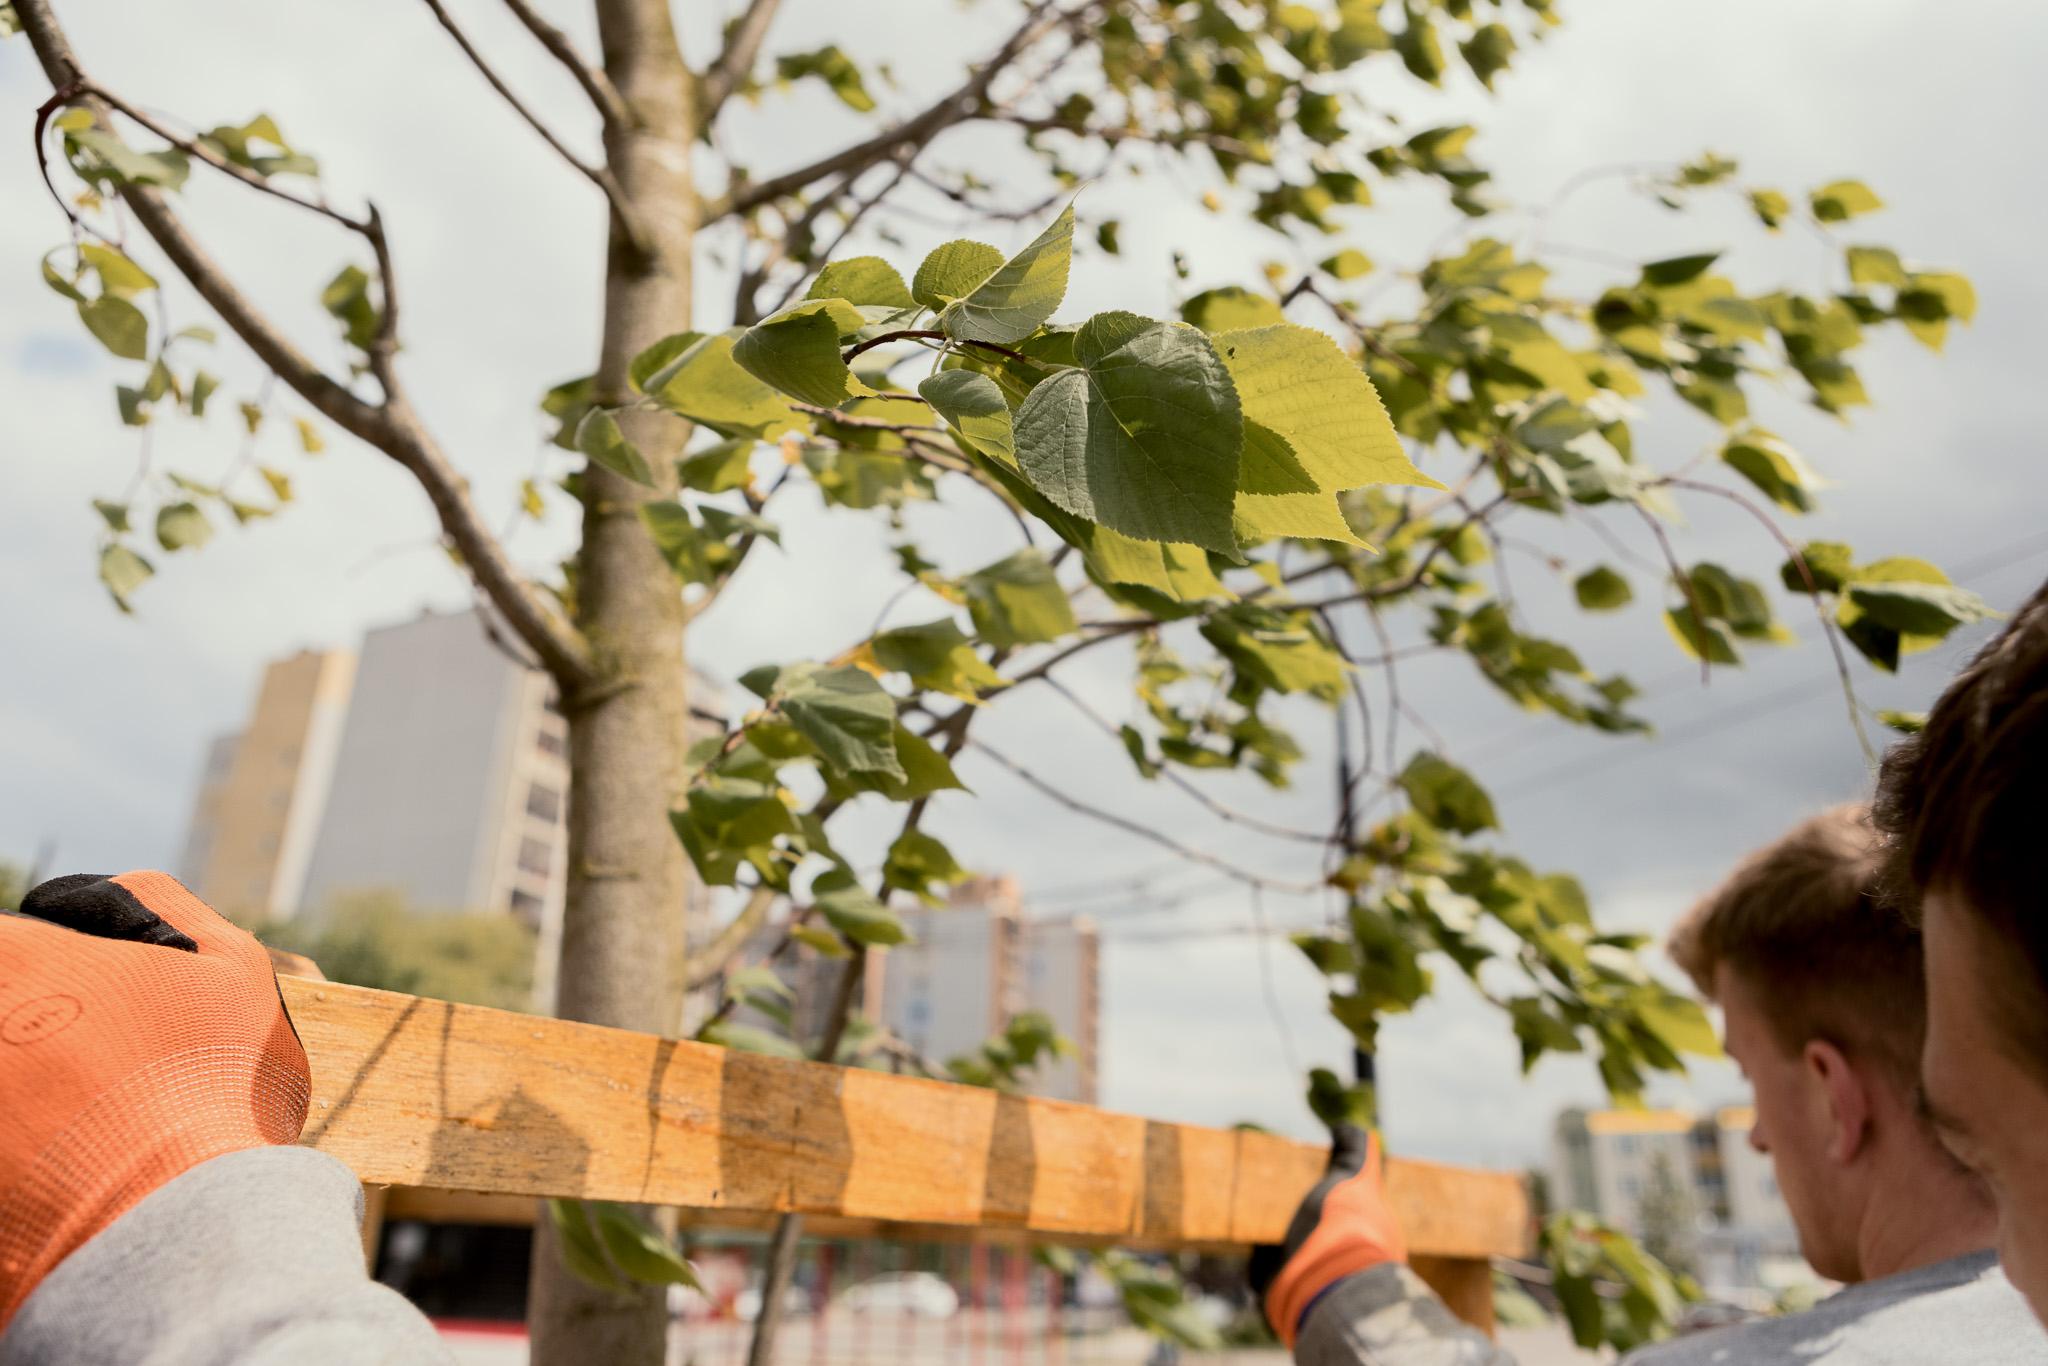 """Lublin: projekt """"Drzewa dla każdej dzielnicy"""". Będzie sadzenie drzew w kolejnych dzielnicach i webinar edukacyjny - Zdjęcie główne"""